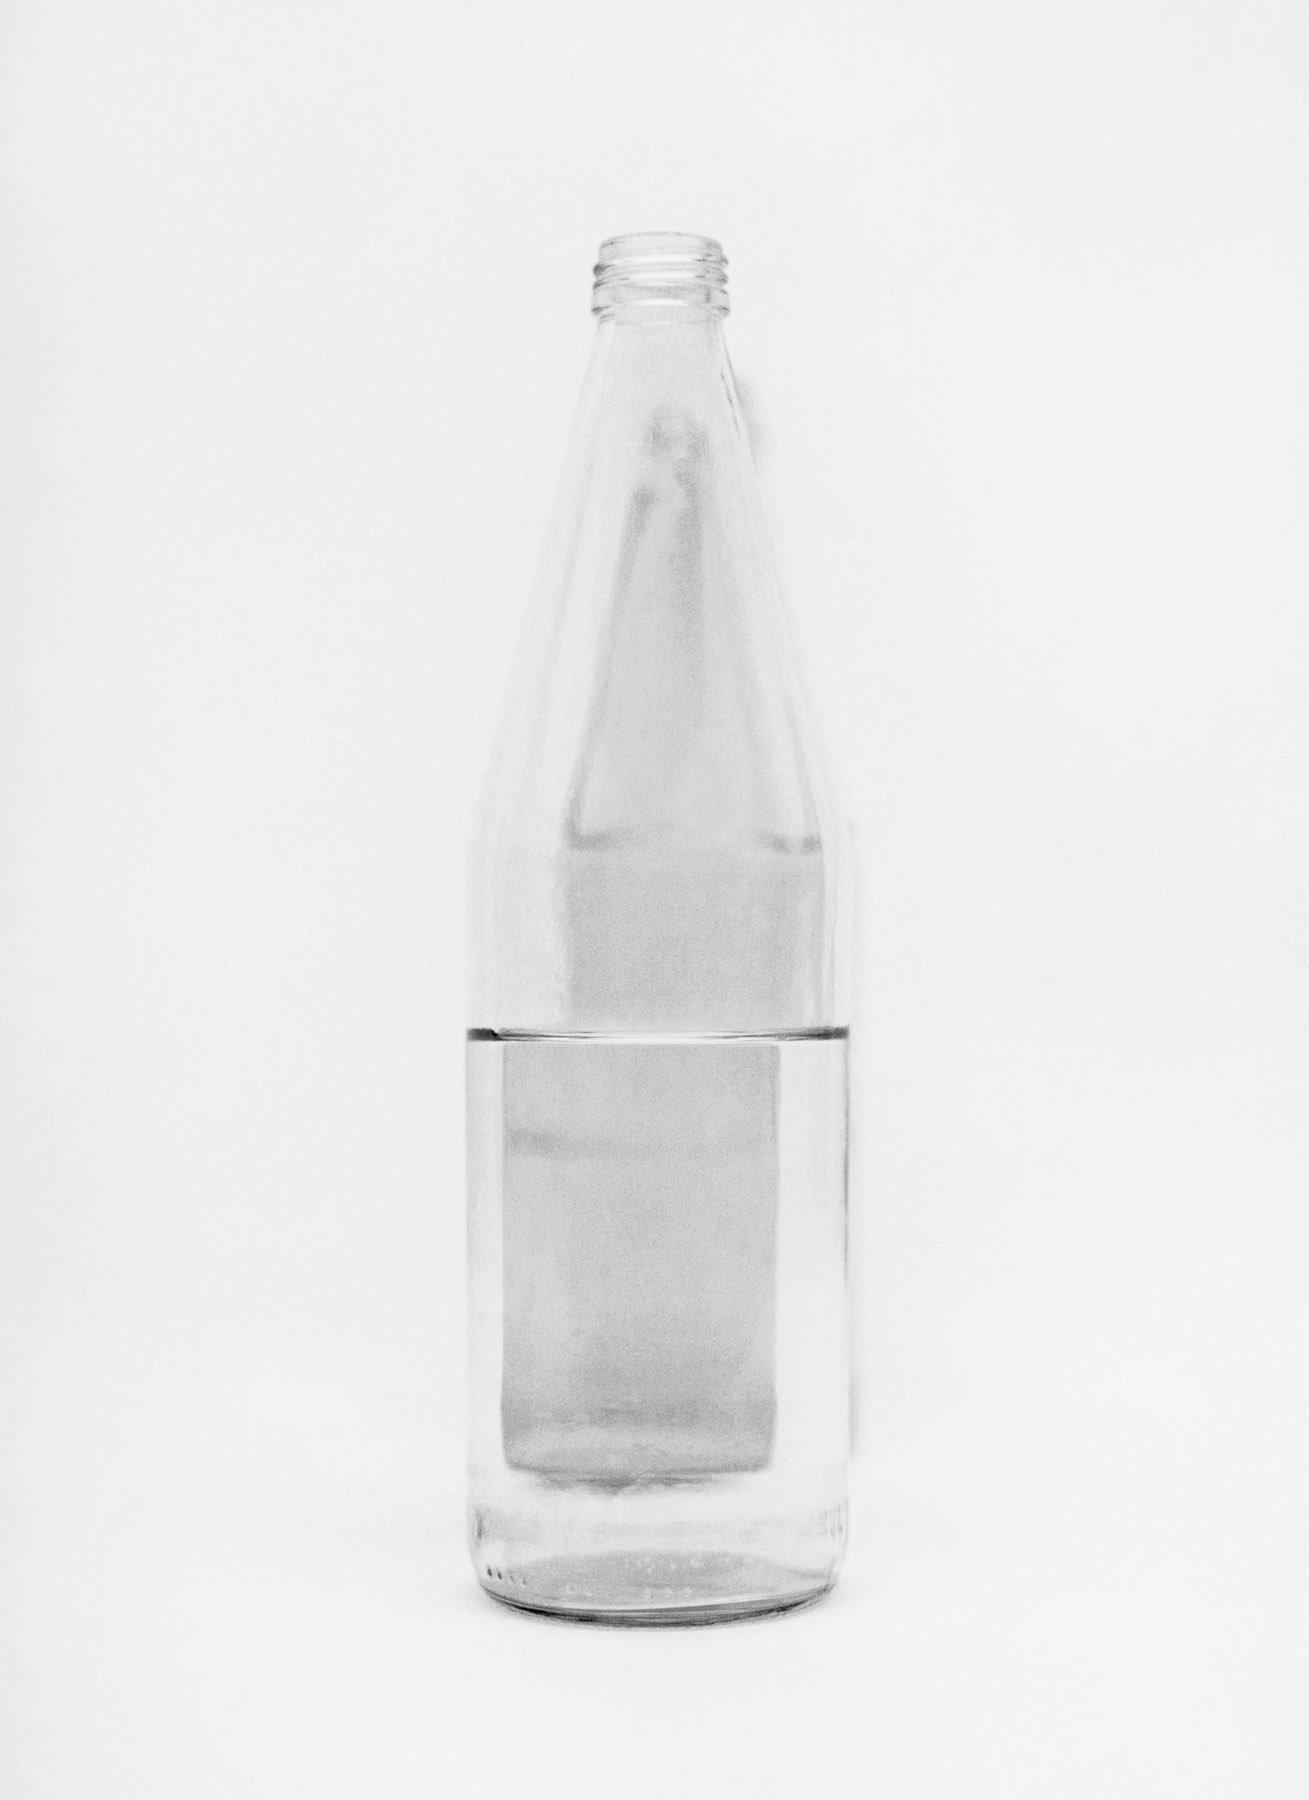 Bottles © Rogier Houwen